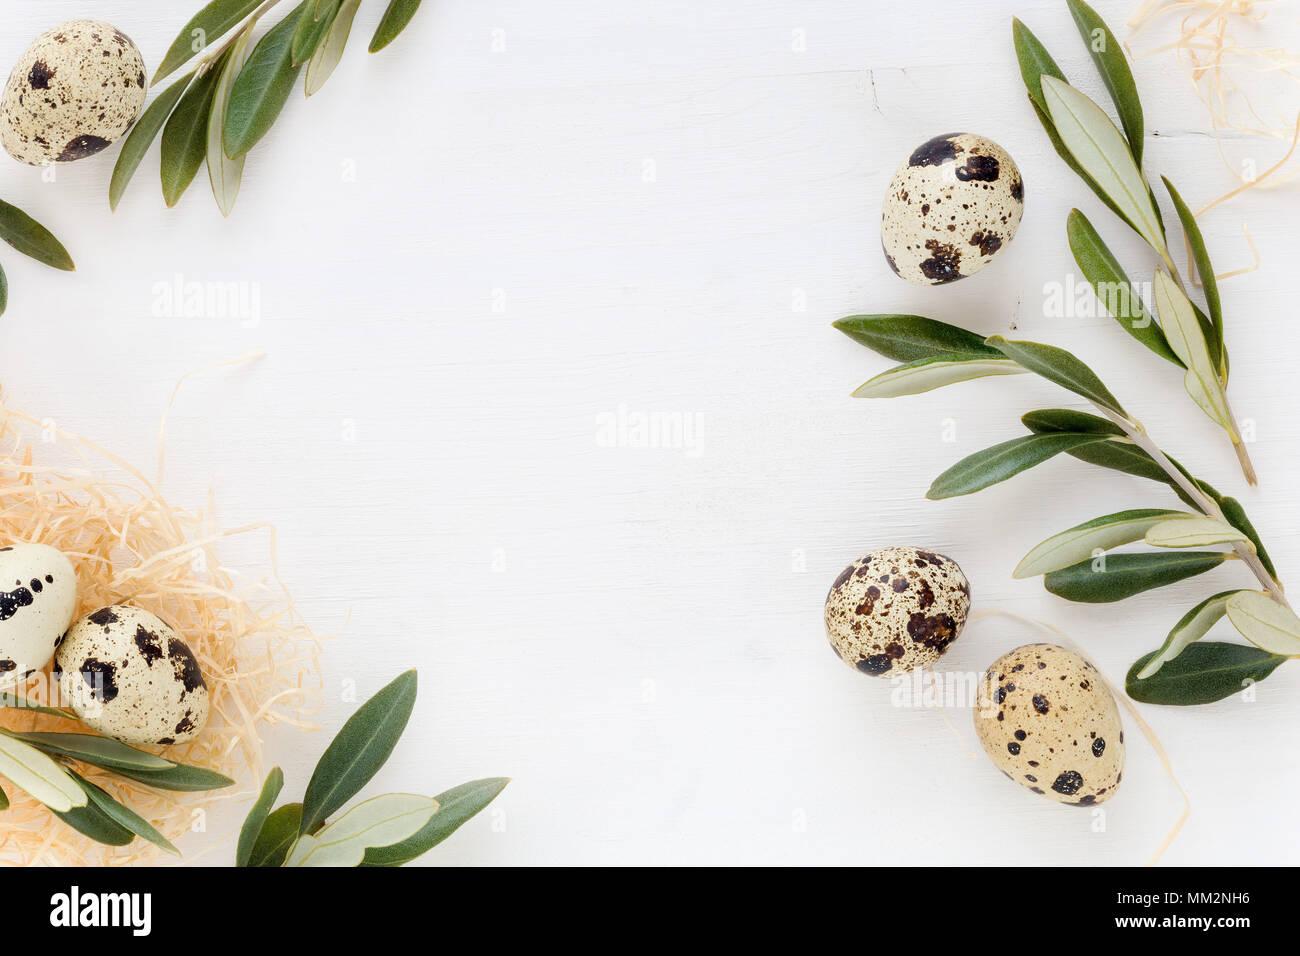 Ostern Konzept. Ostern Rahmen für Ihre Banner mit Olivenbaum Zweige und Wachteleier auf weißem Holz- Hintergrund Stockfoto